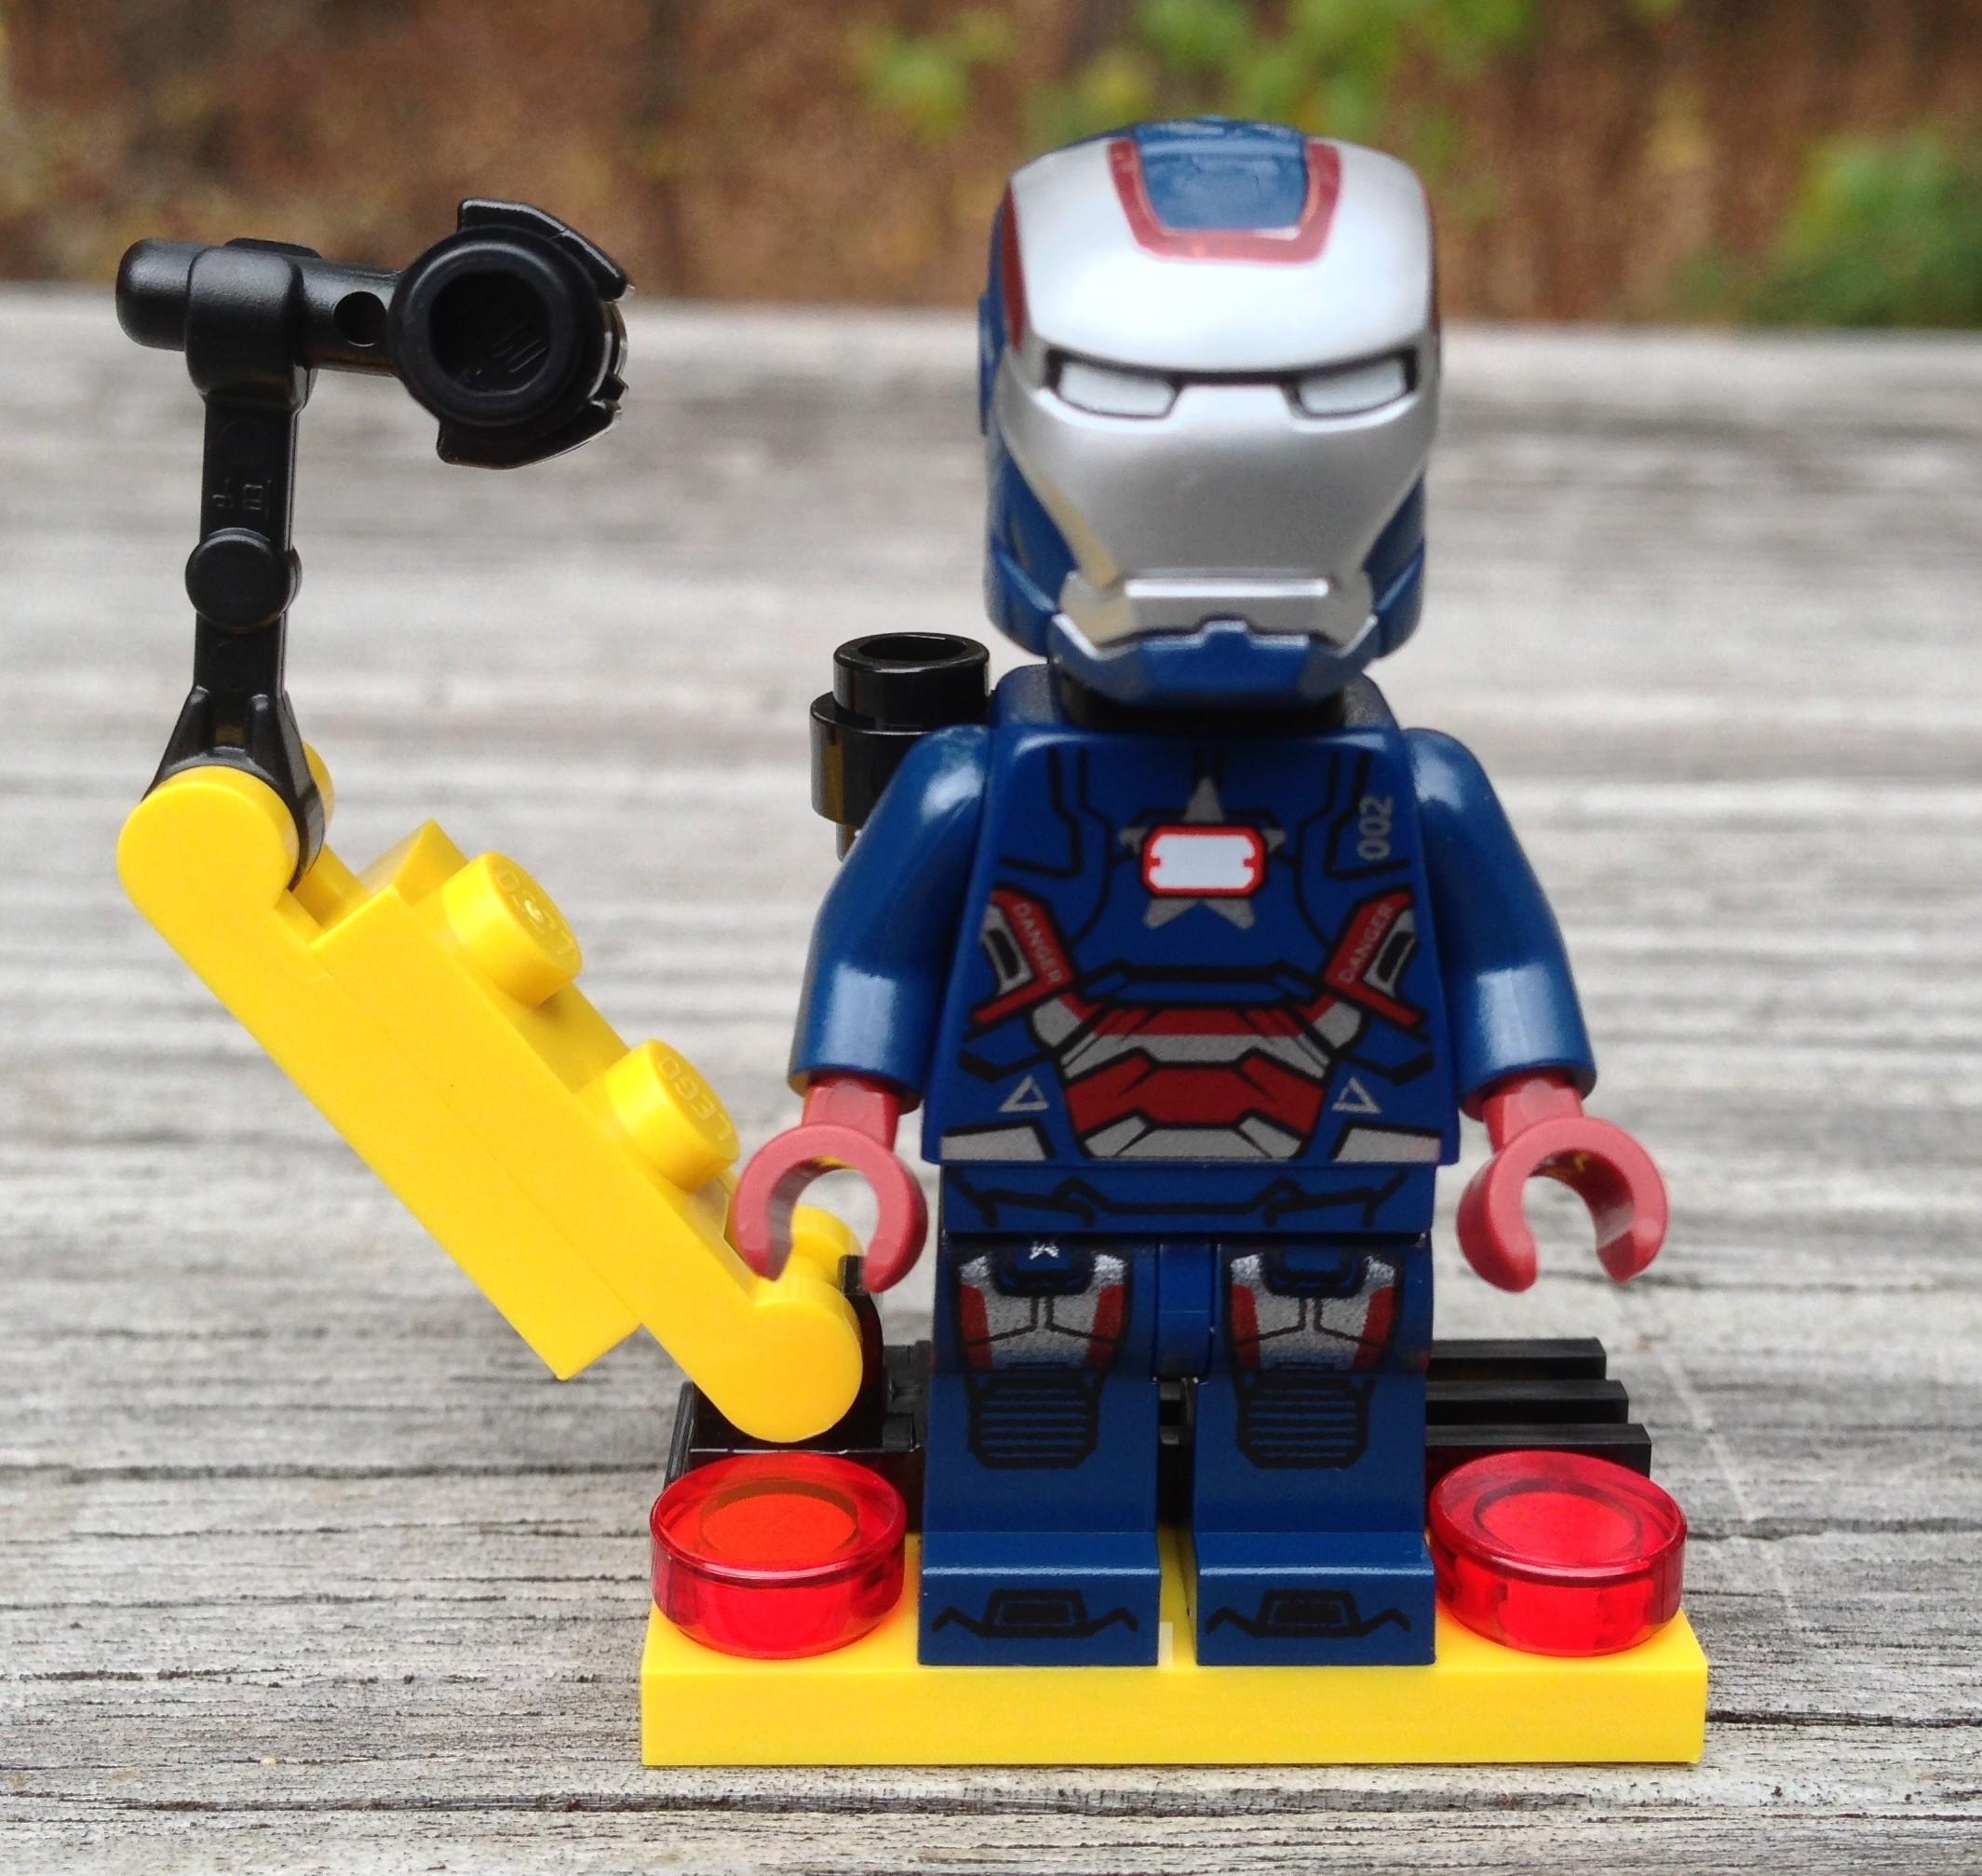 Iron Patriot Lego Lego Iron Patriot Minifigure